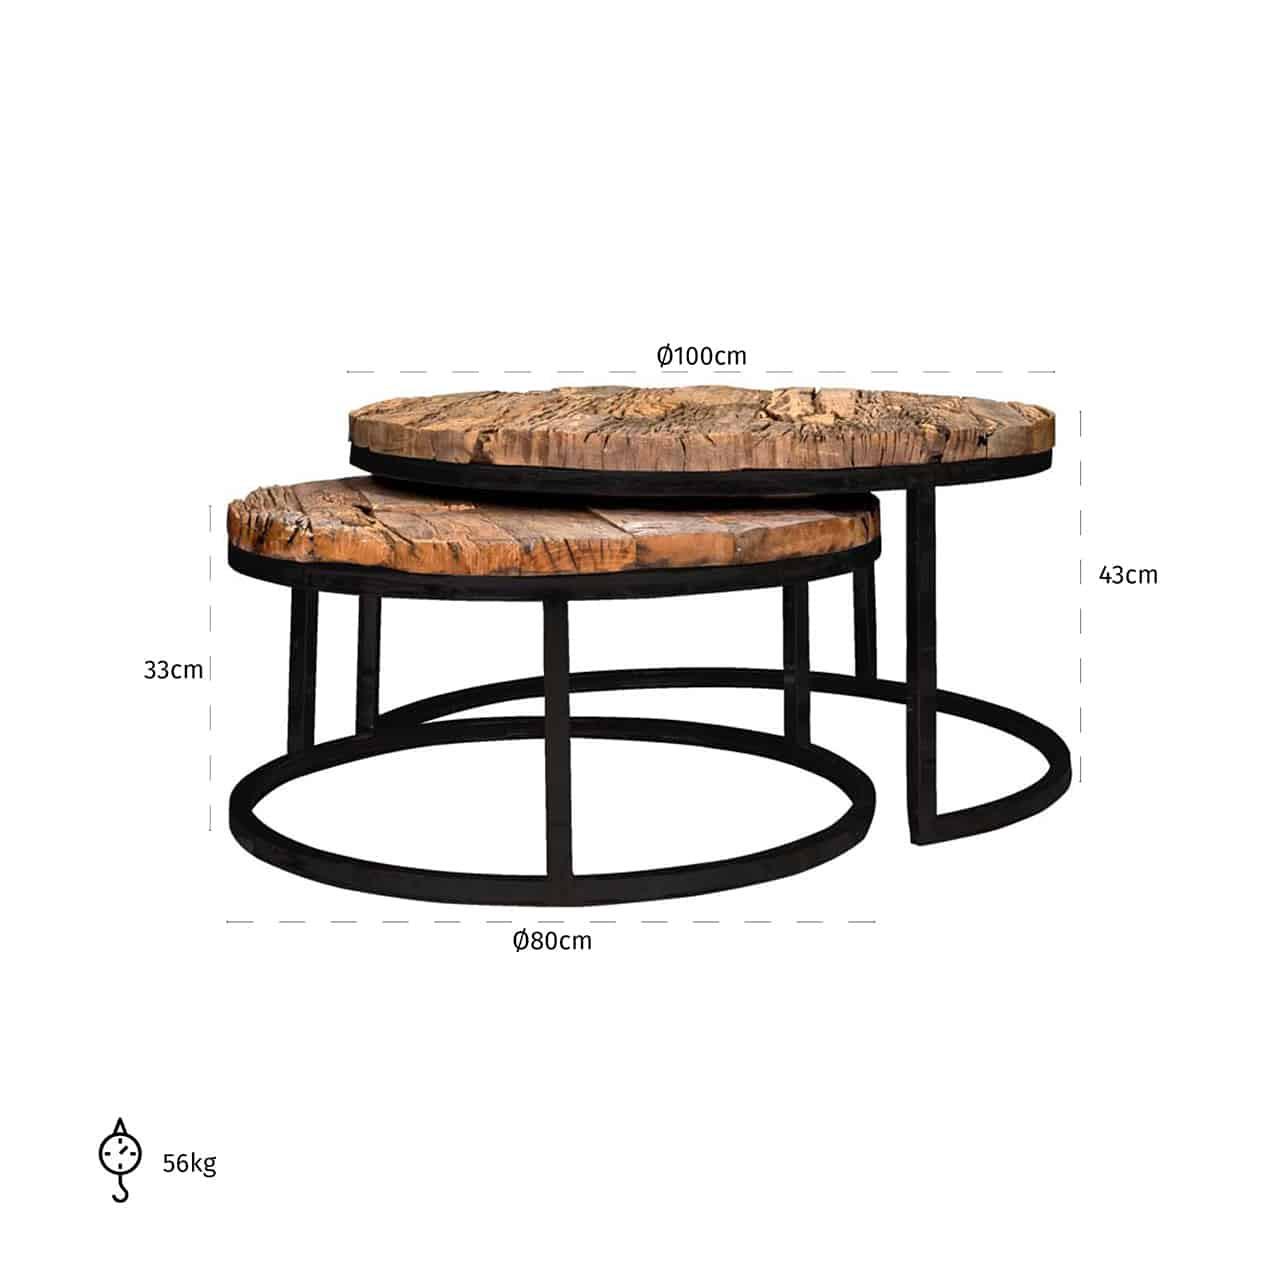 Tables Gigognes Richmond Interiors Plateau Rond Bois Pied Metal Kensington Industriel Bois Deco